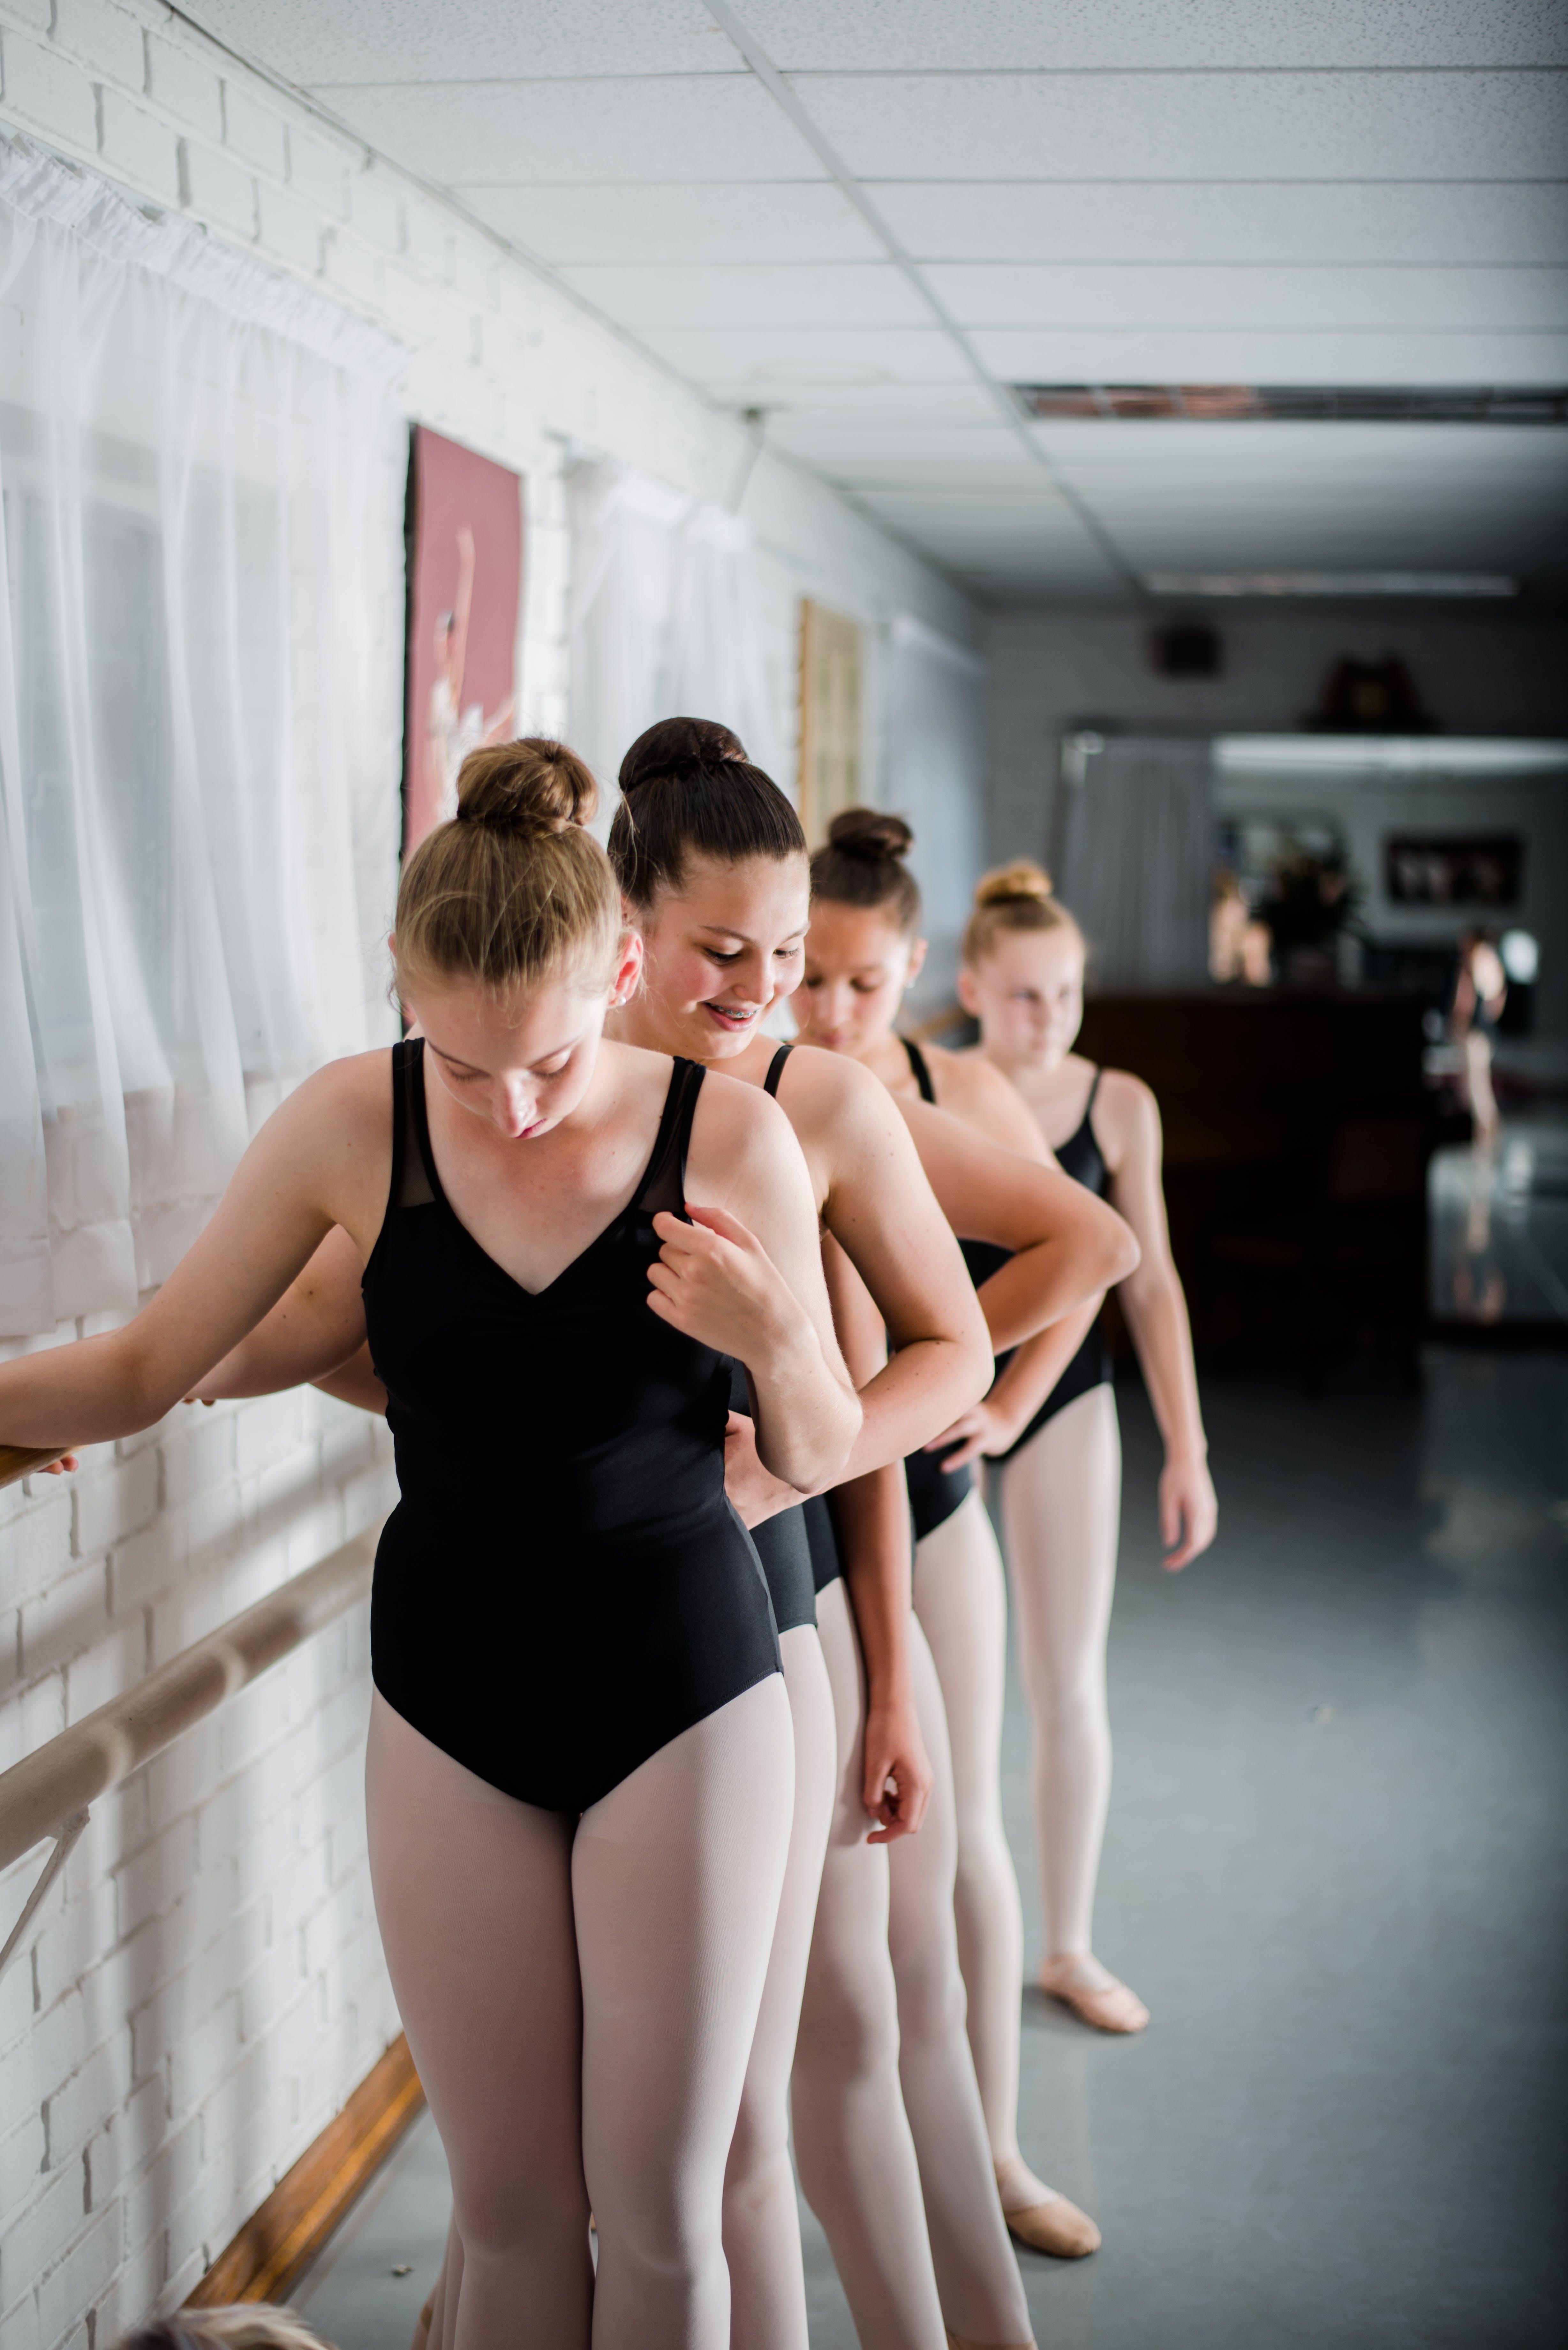 Ballet Dancers Standing in a Line